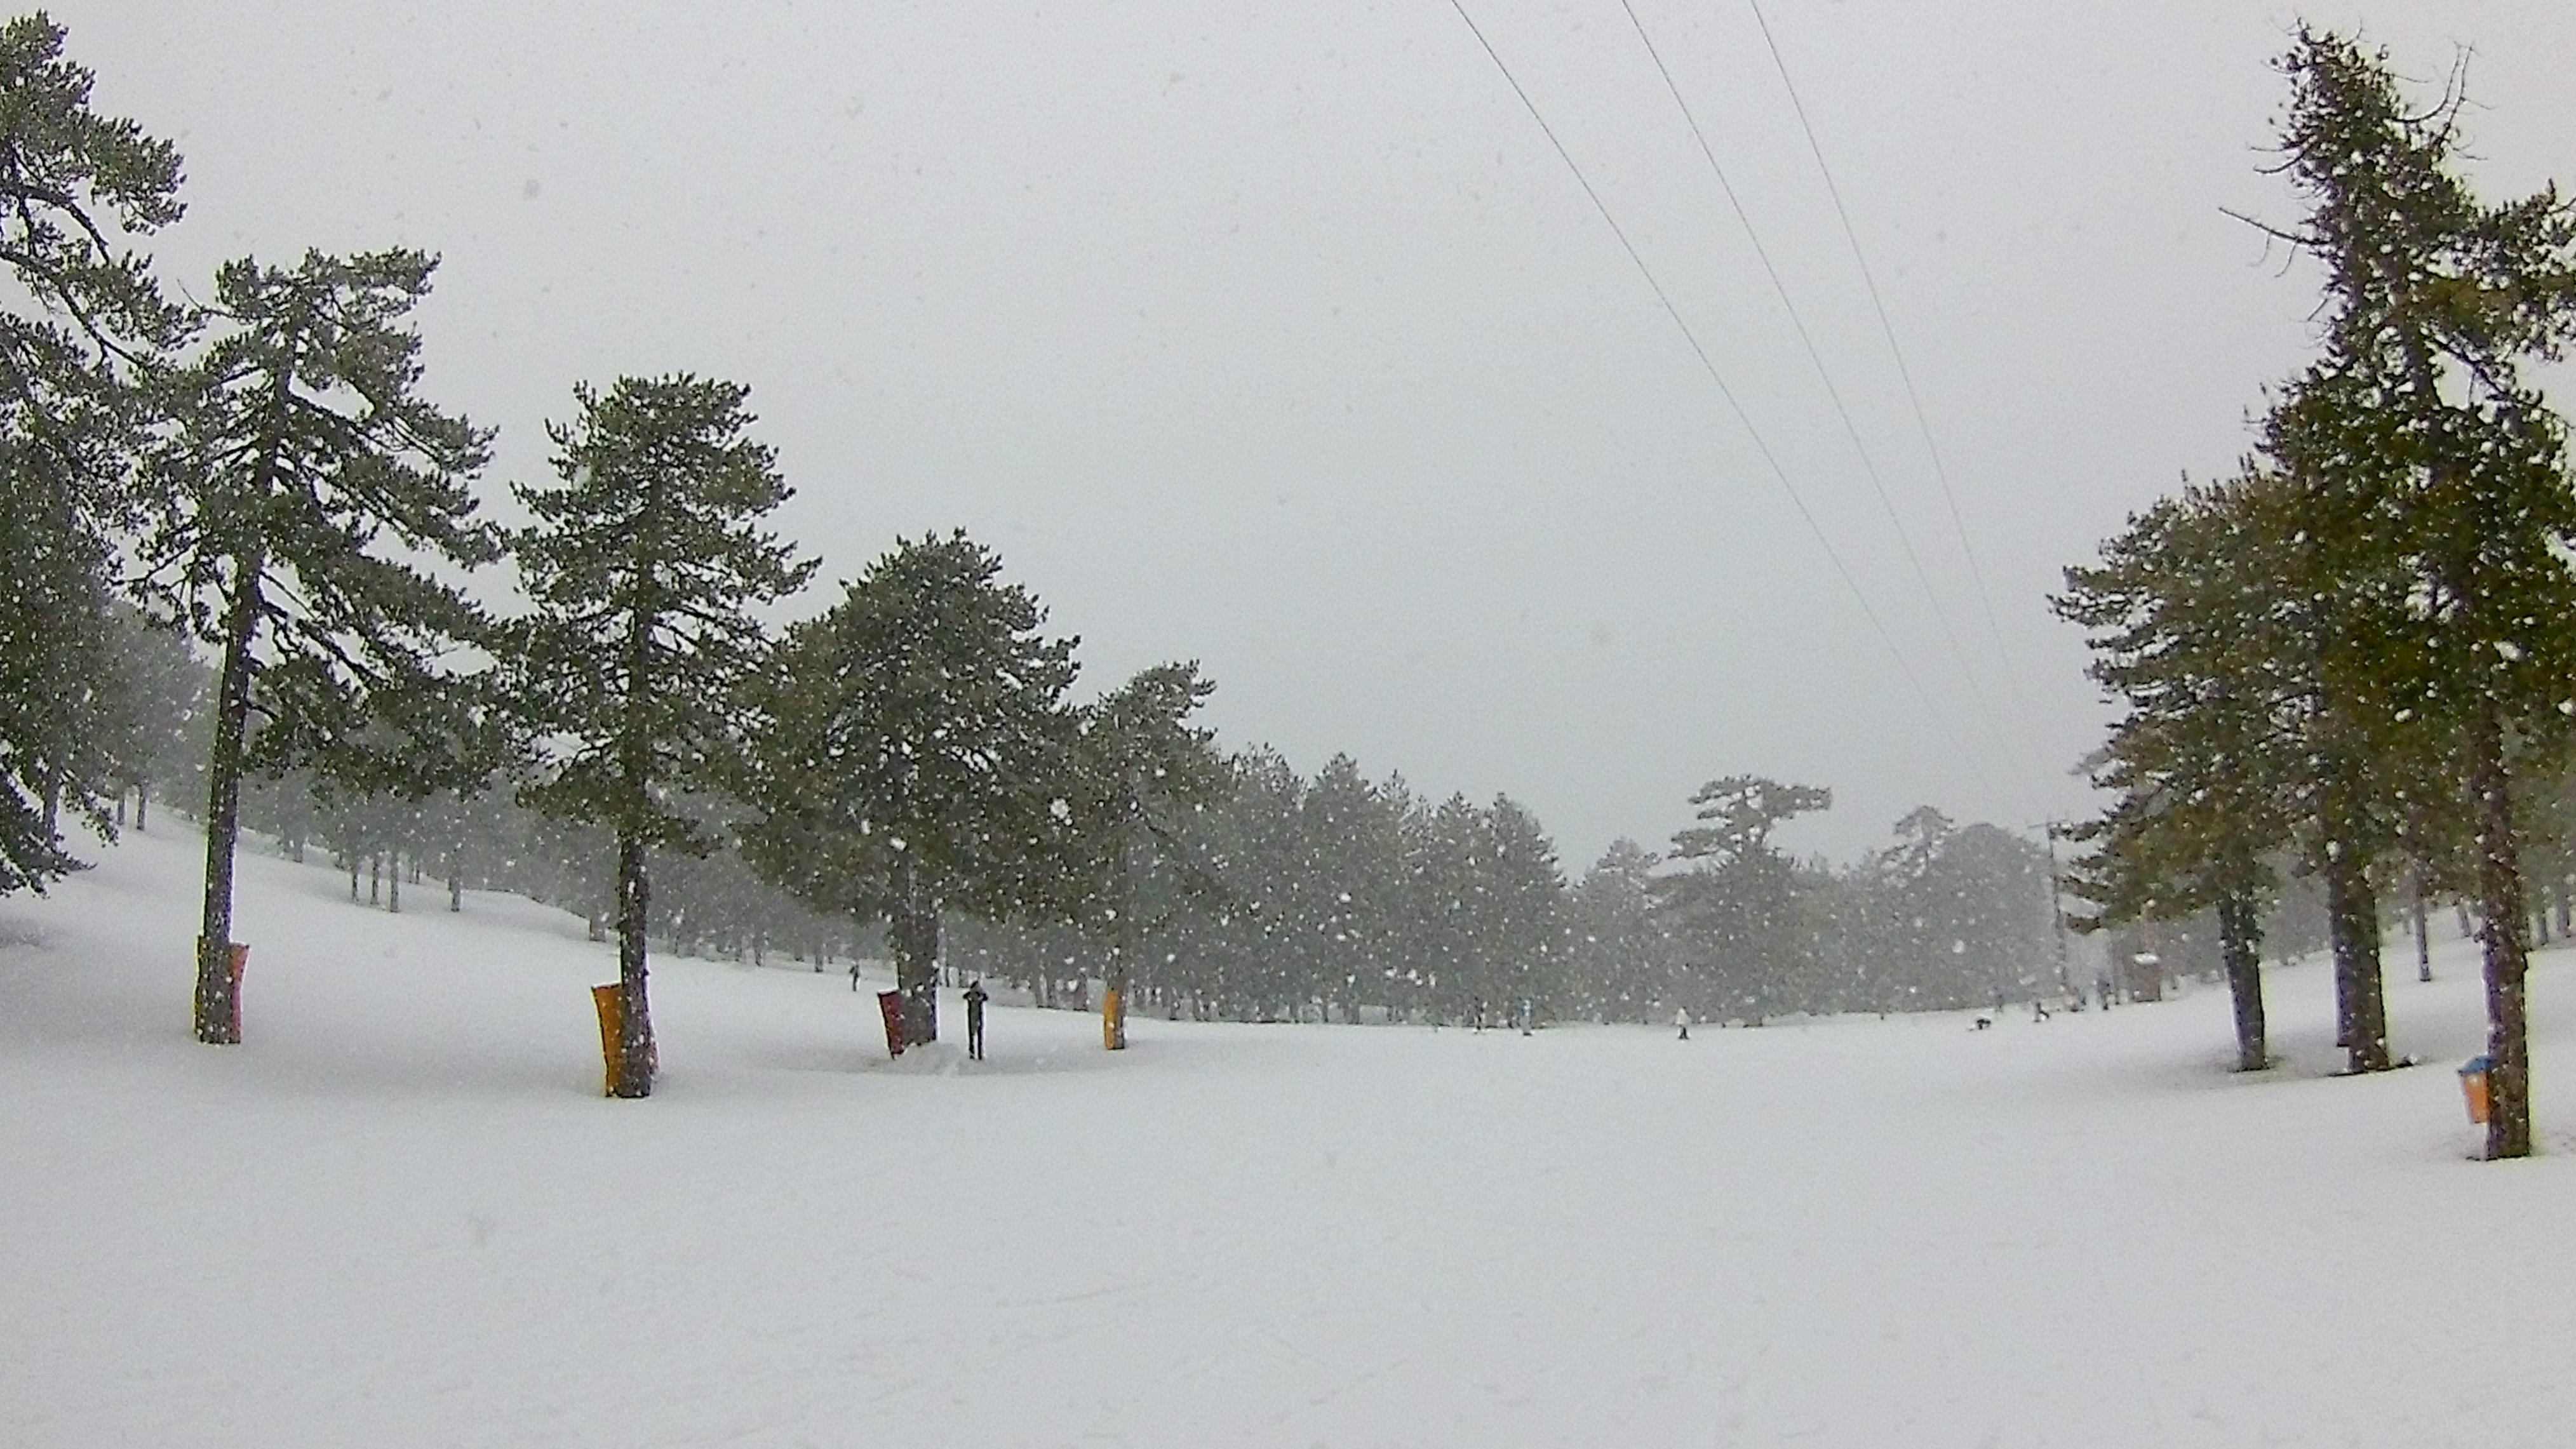 ski 21.02.19 (3 of 7)